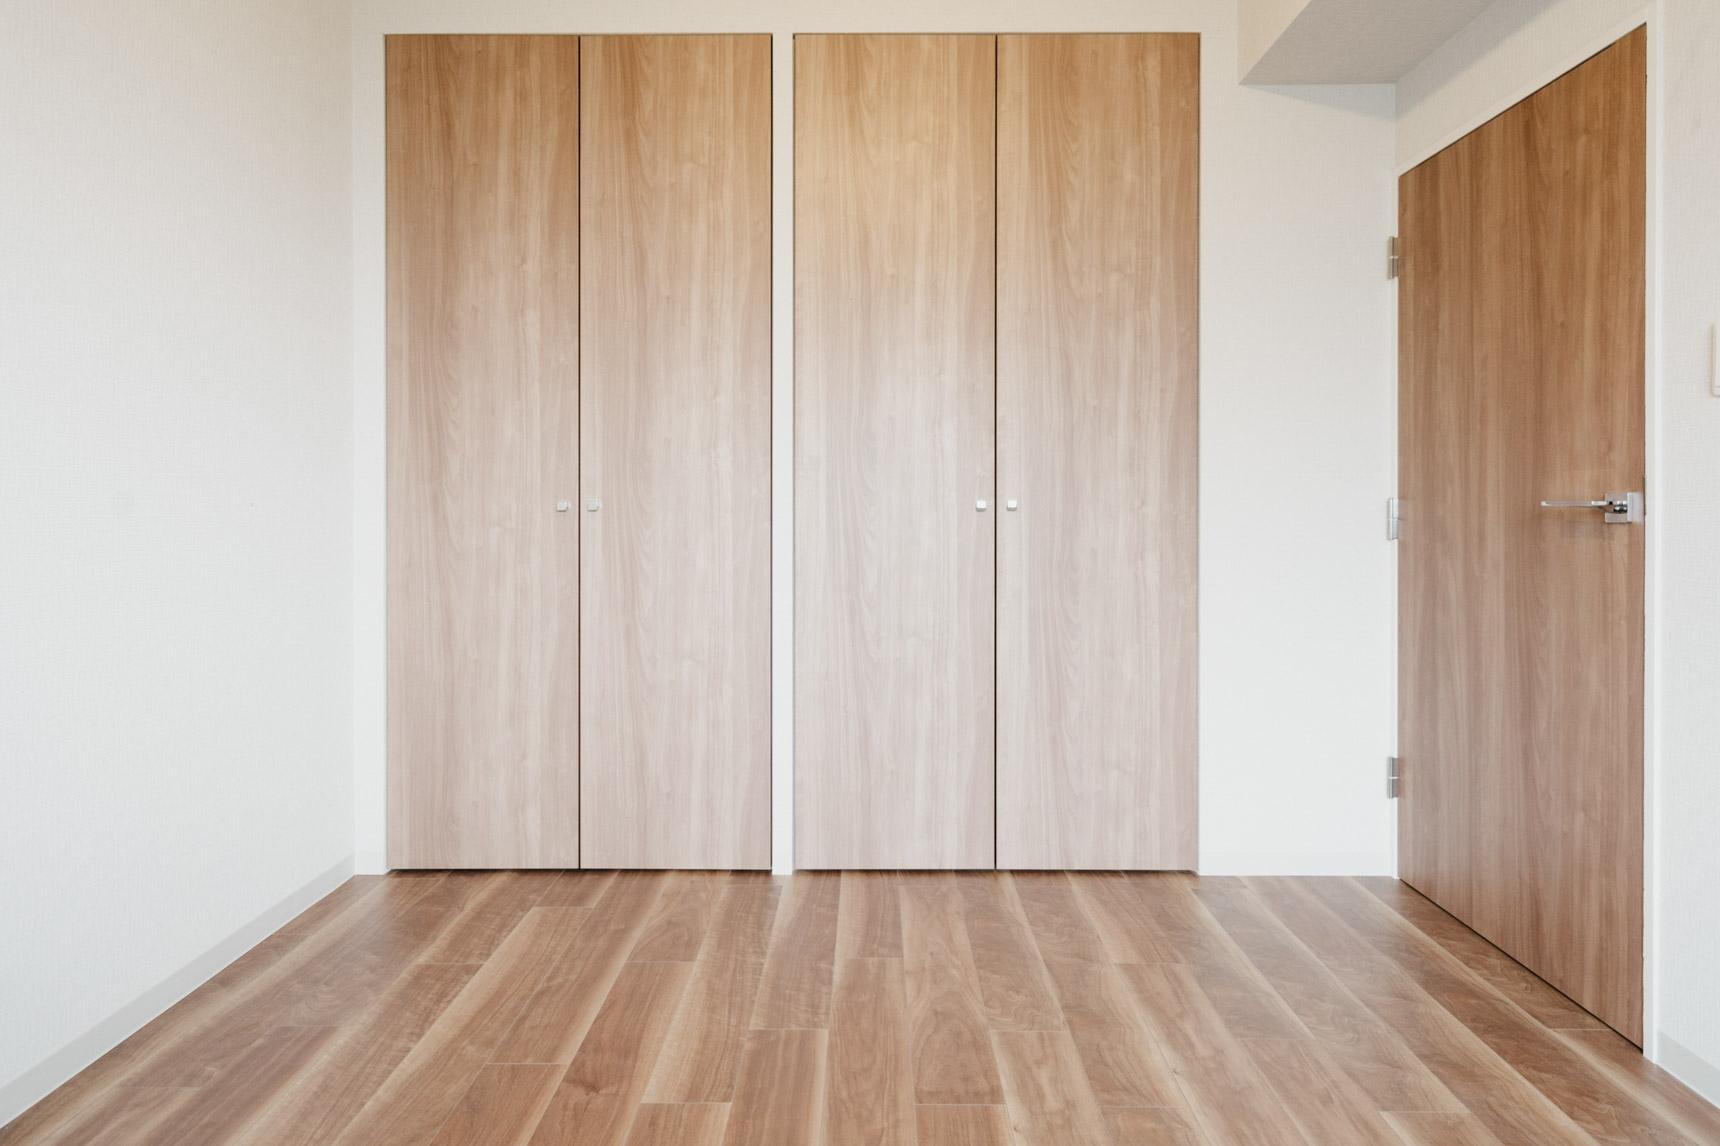 あと2部屋ある居室は全てフローリング。こちらも、ドアやクローゼット扉まで統一されたデザインなので、気持ちの良い空間になっていますね。